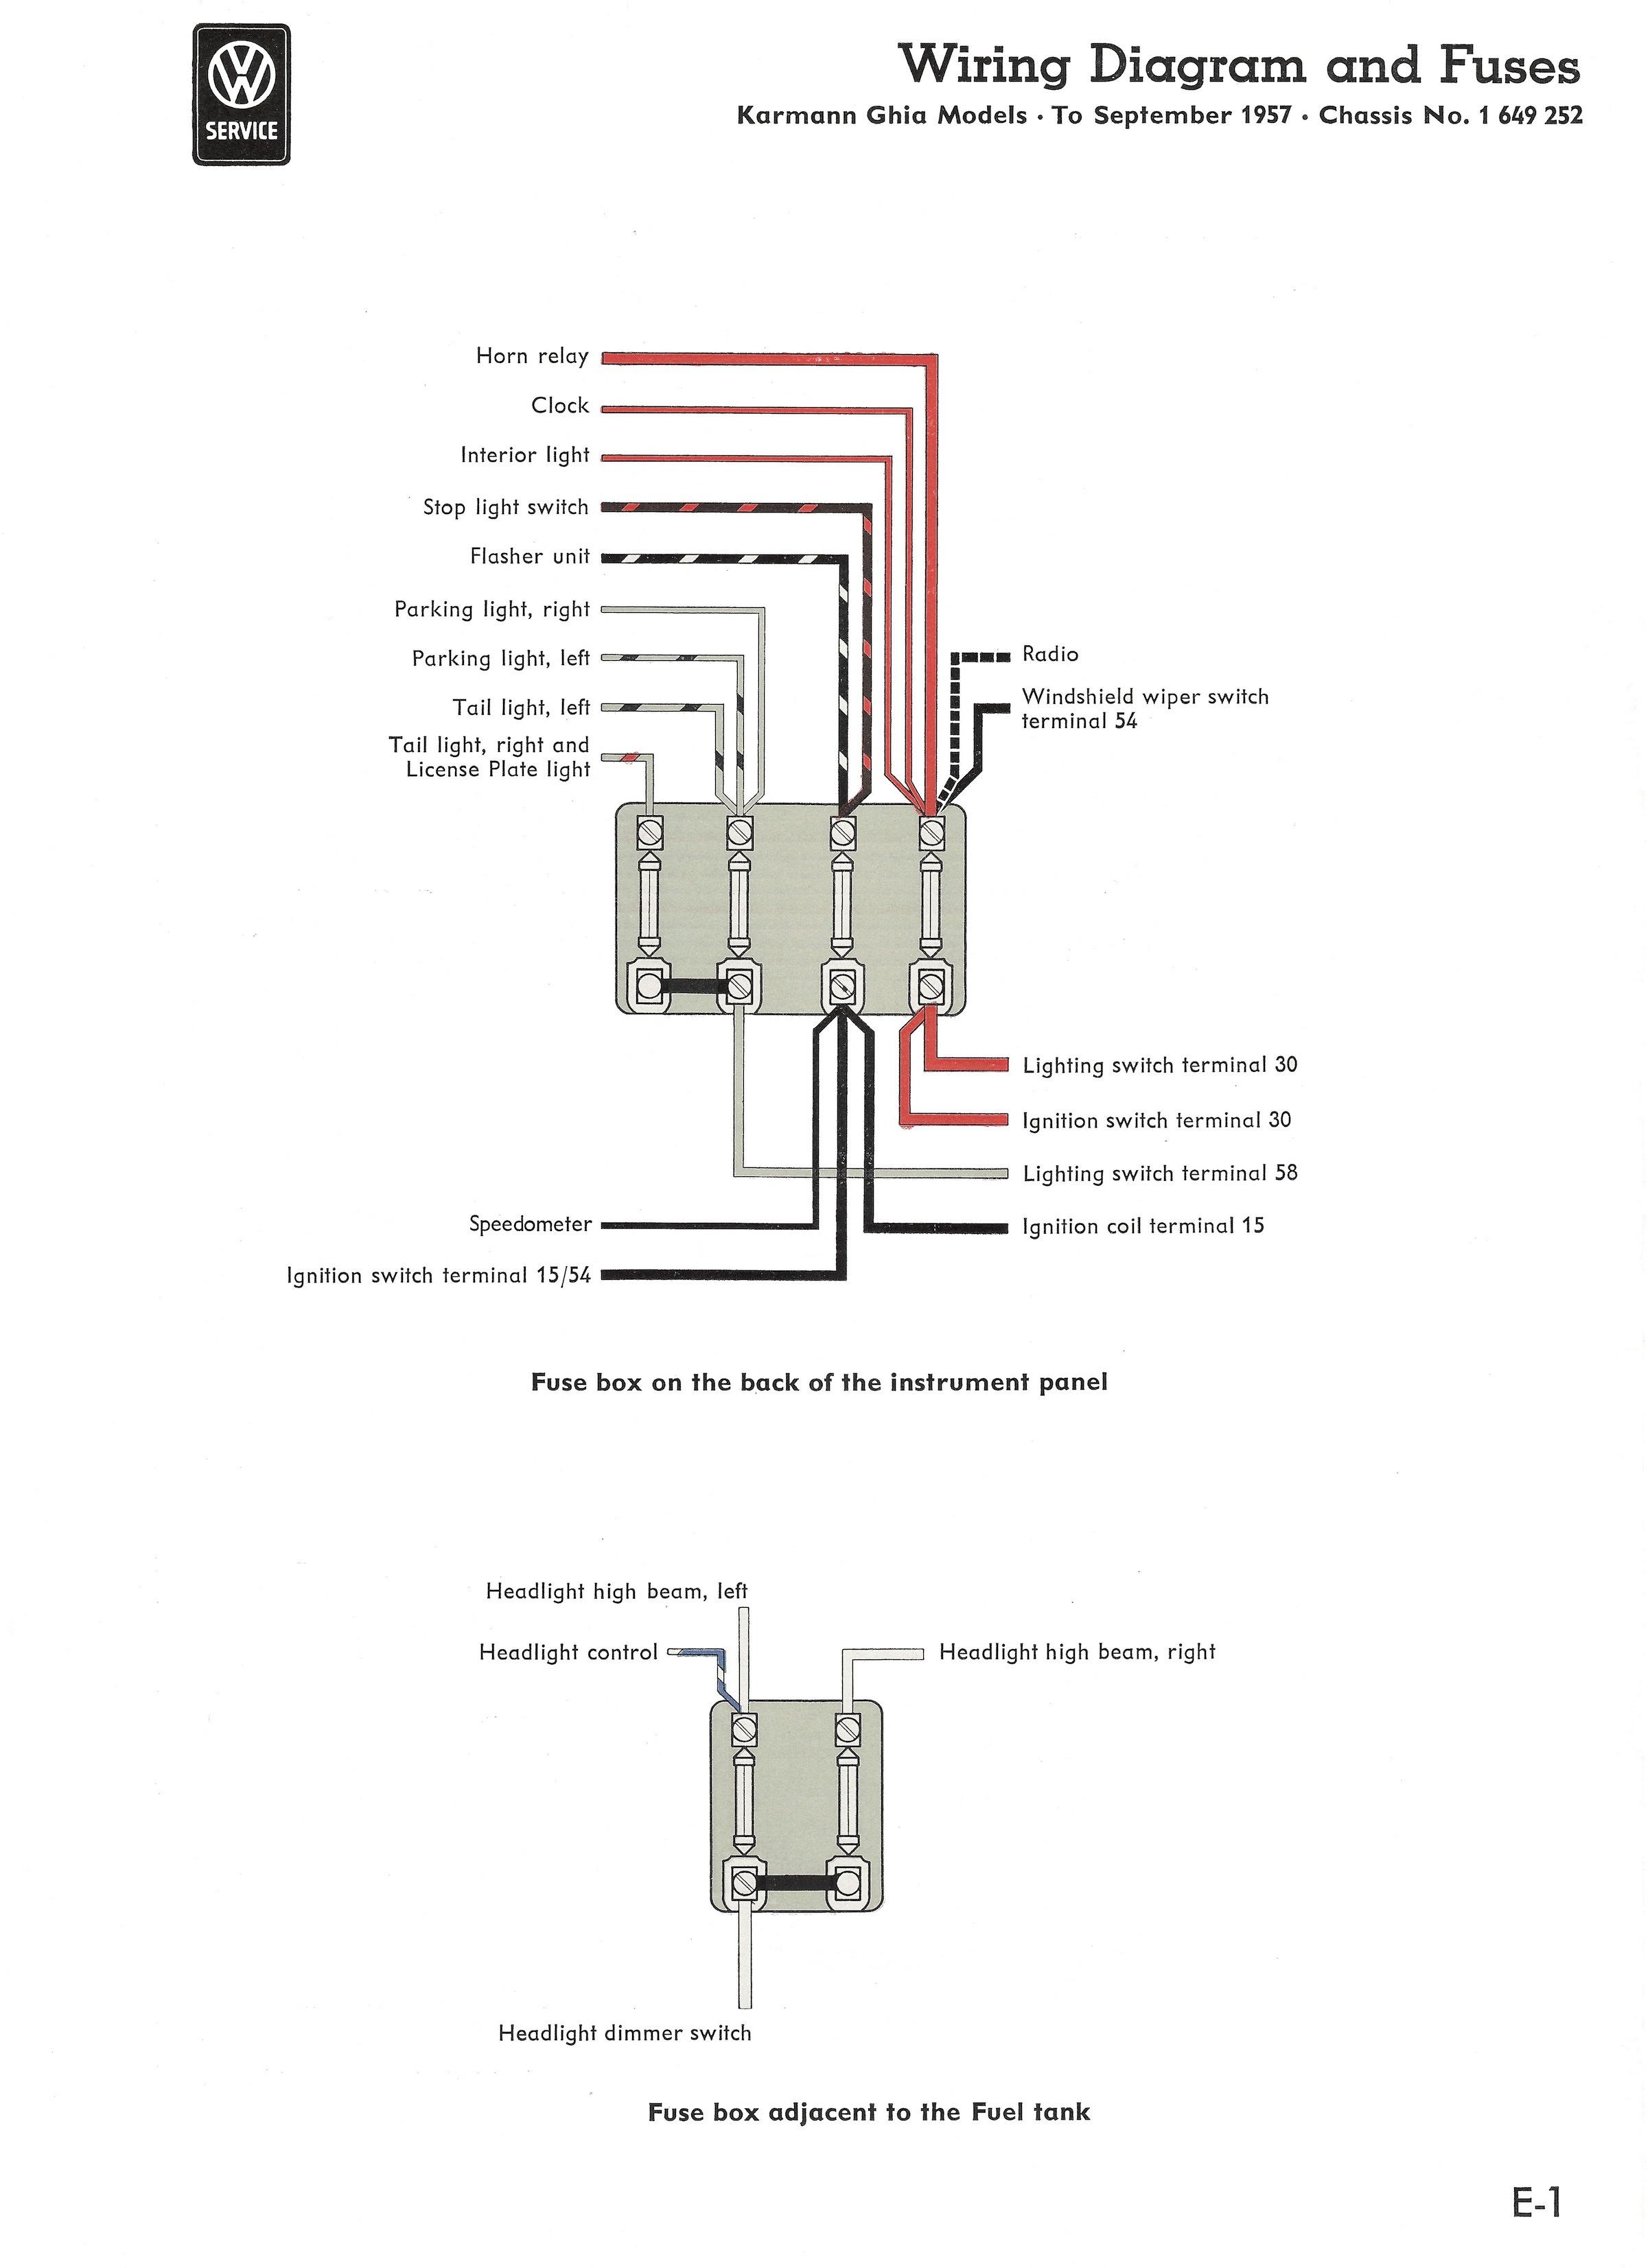 Autosportswiring: 4 Way Car Fuse Box